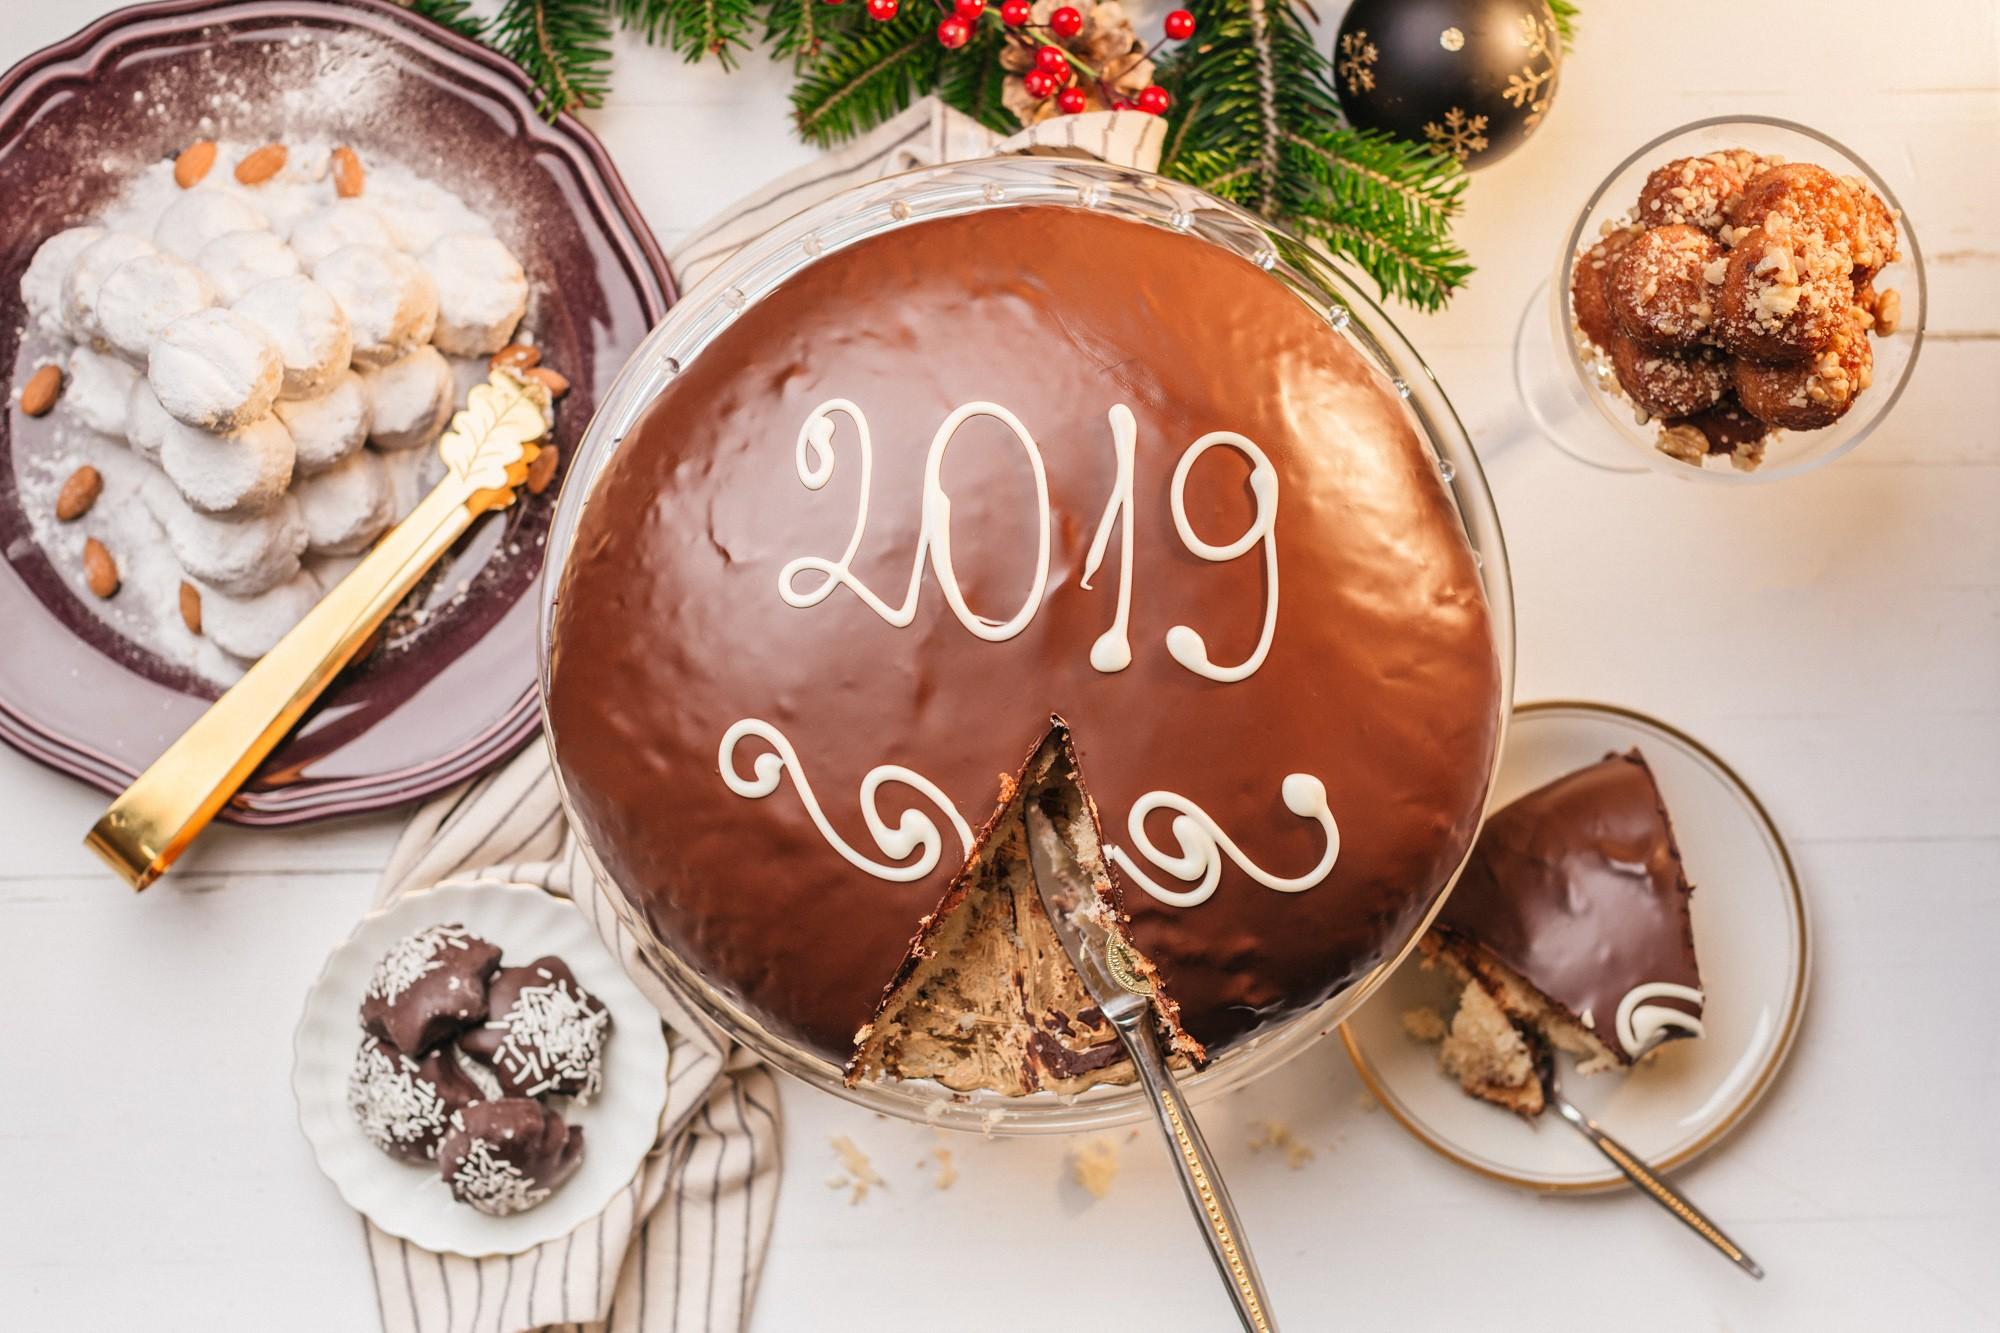 Επαγγελματική φωτογράφισή τροφίμων χριστουγεννιάτικα - Biscotti Τσούγγαρη